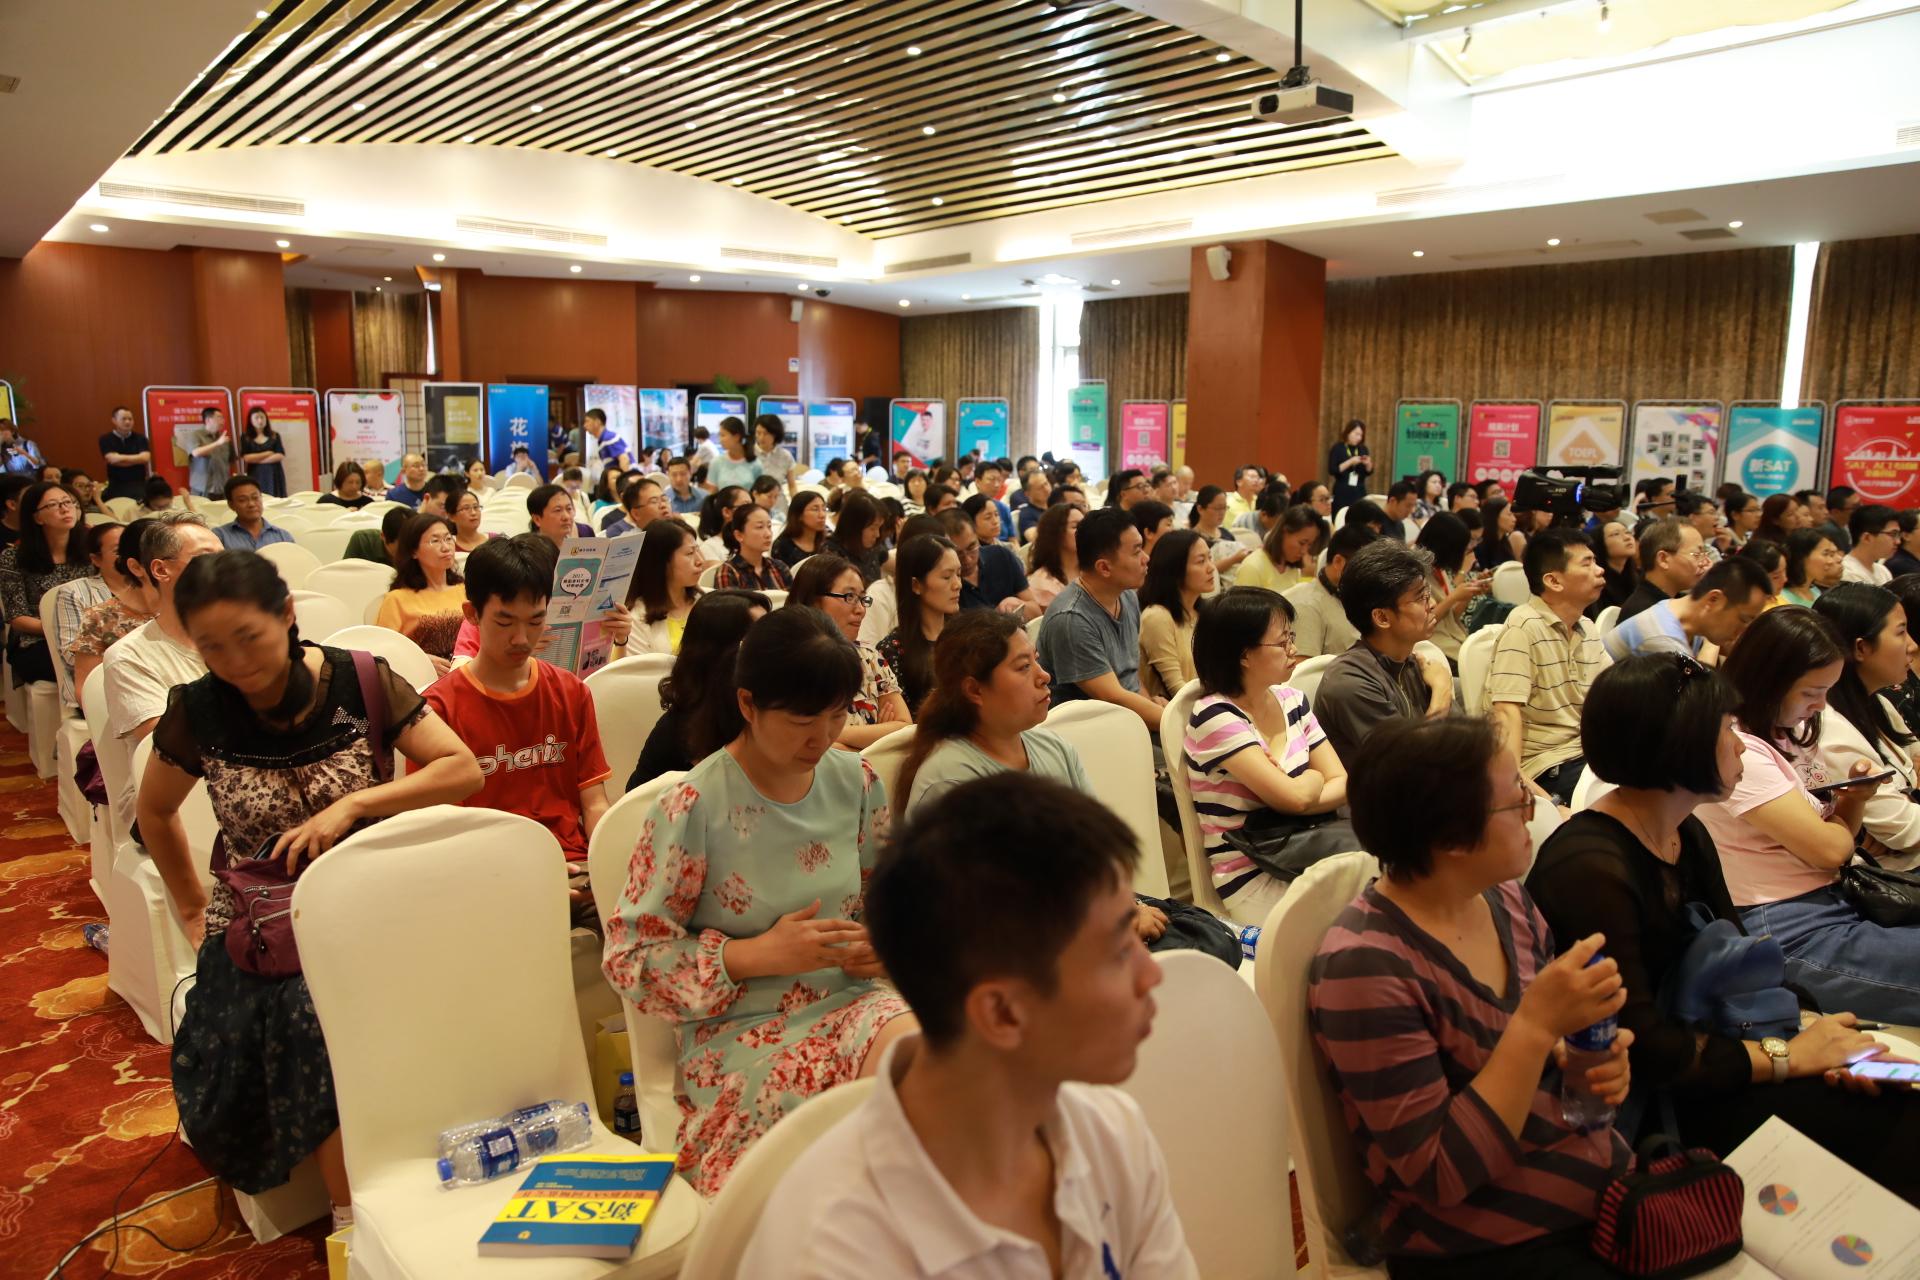 啄木鸟教育2017美国留学白皮书发布会在北京隆重举行